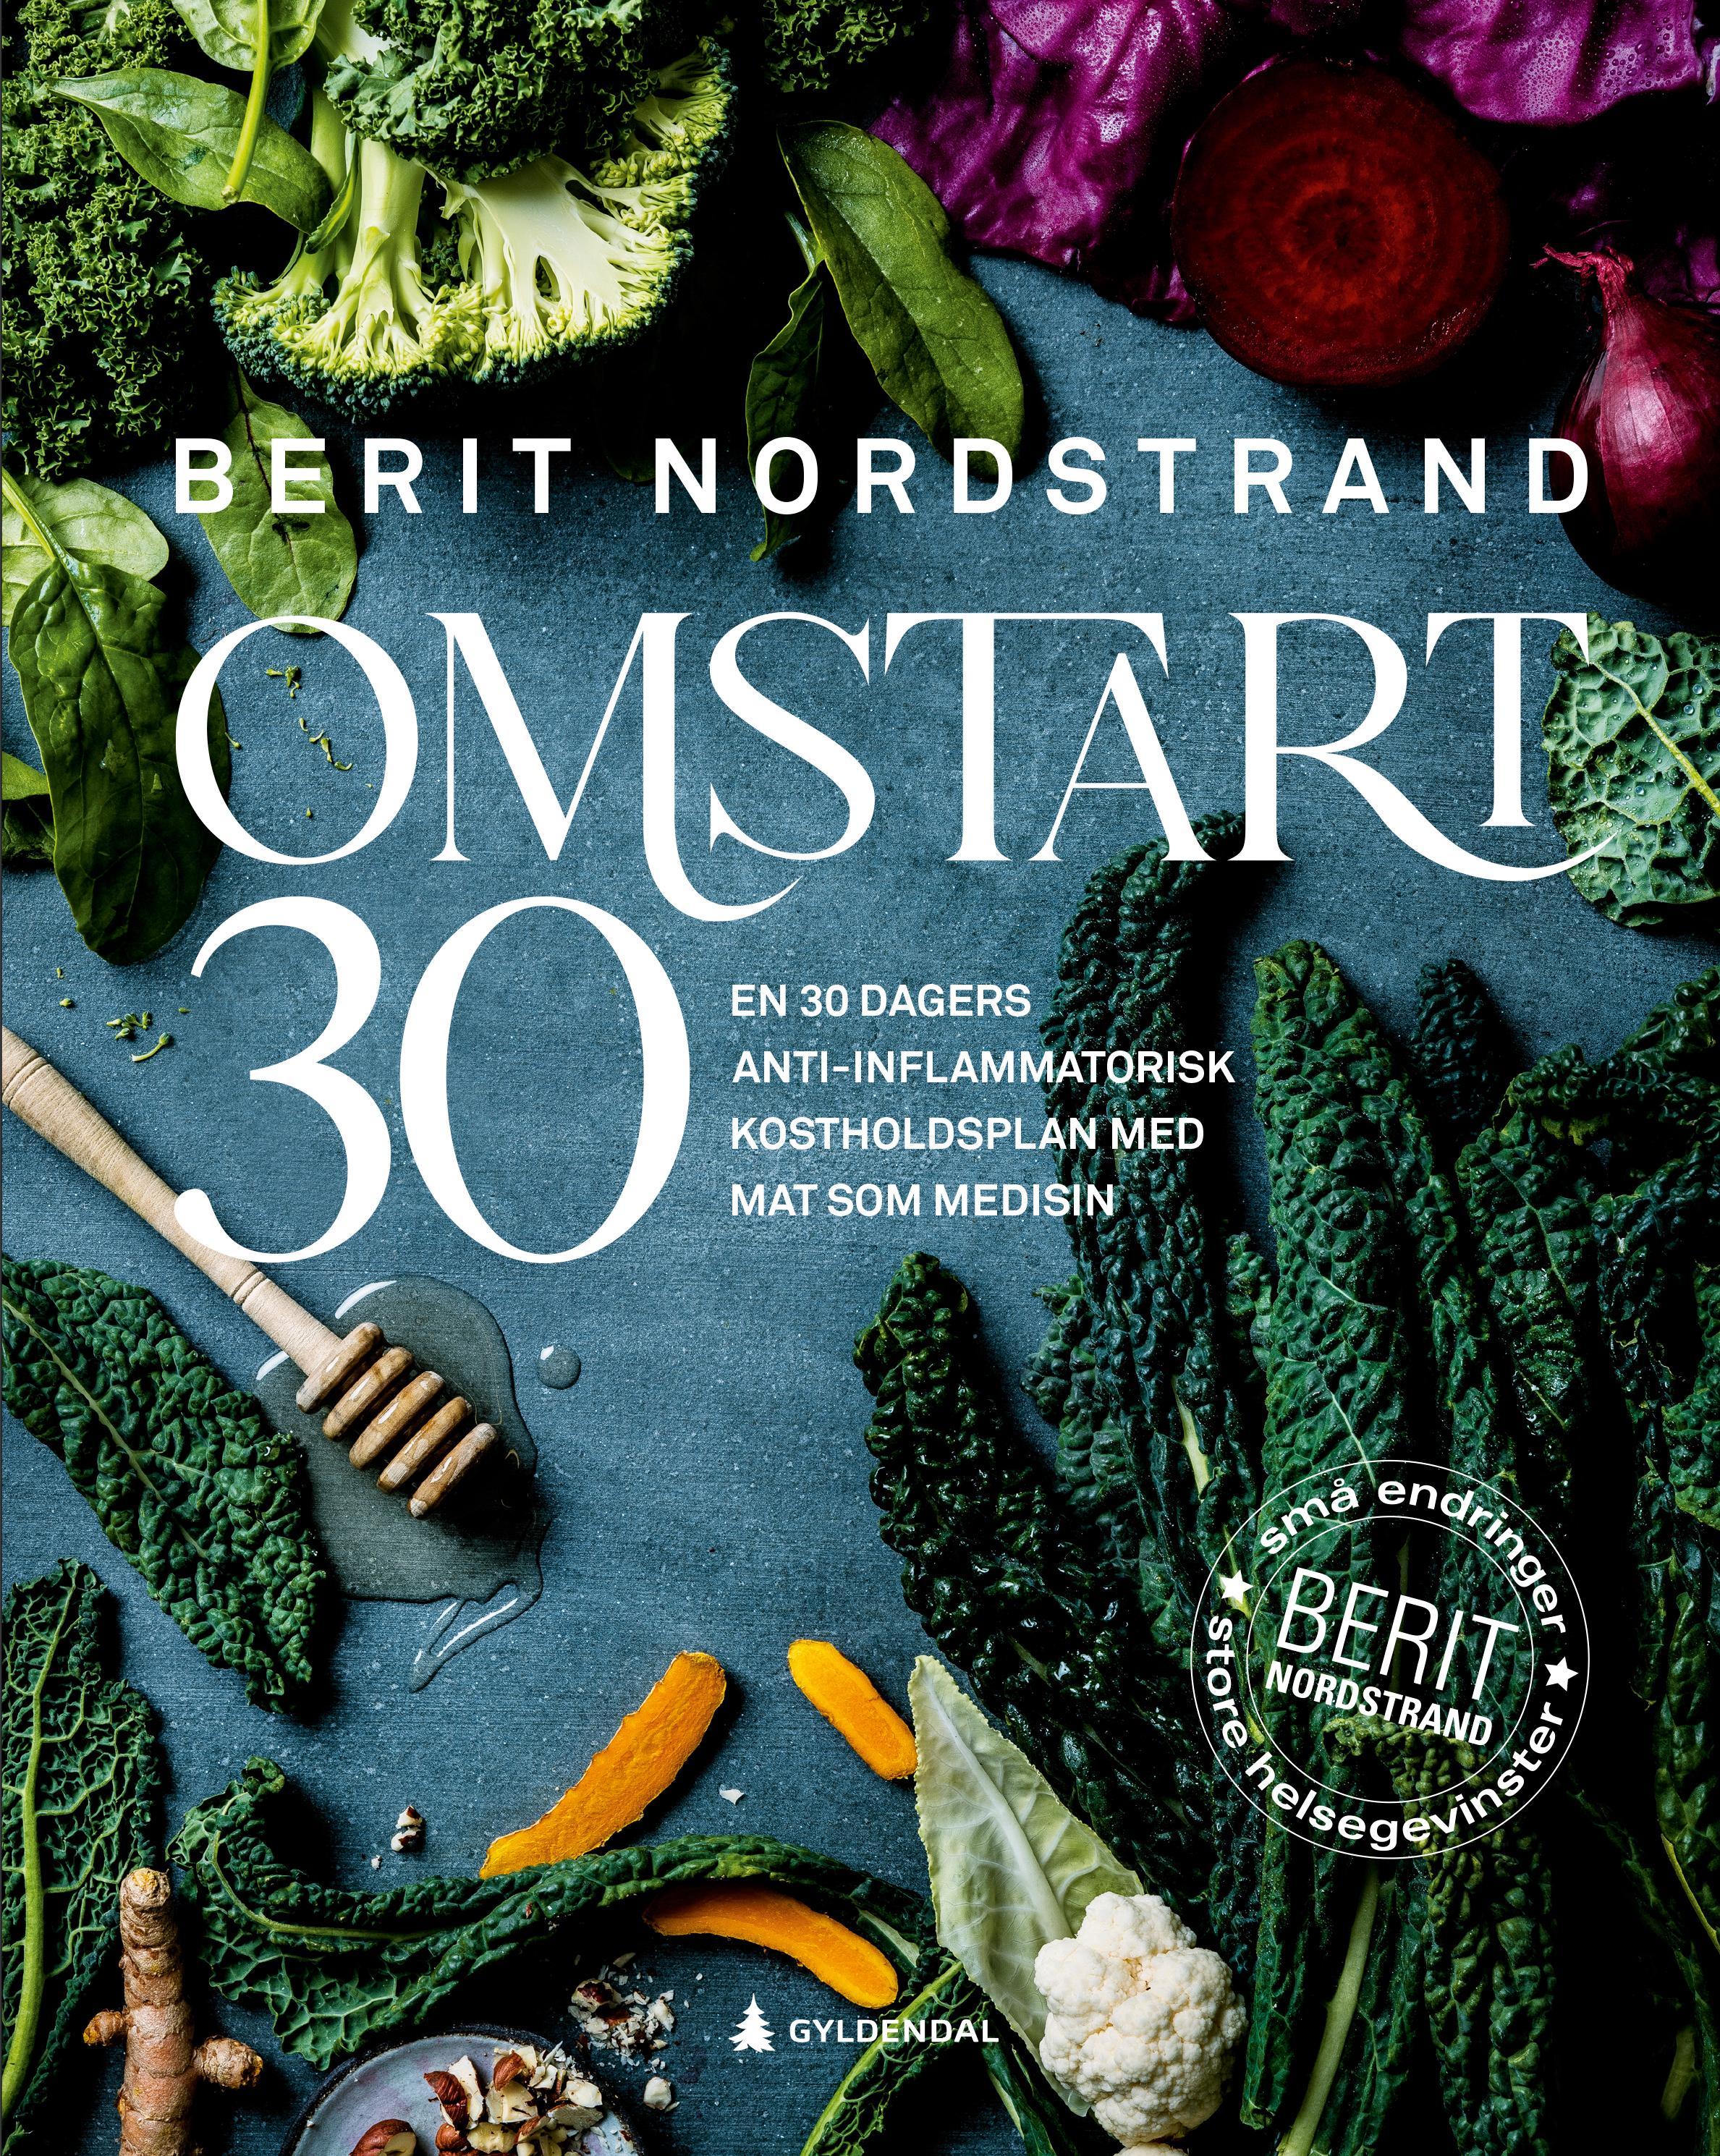 """""""Omstart 30 - en 30 dagers anti-inflammatorisk kostholdsplan med mat som medisin"""" av Berit Nordstrand"""